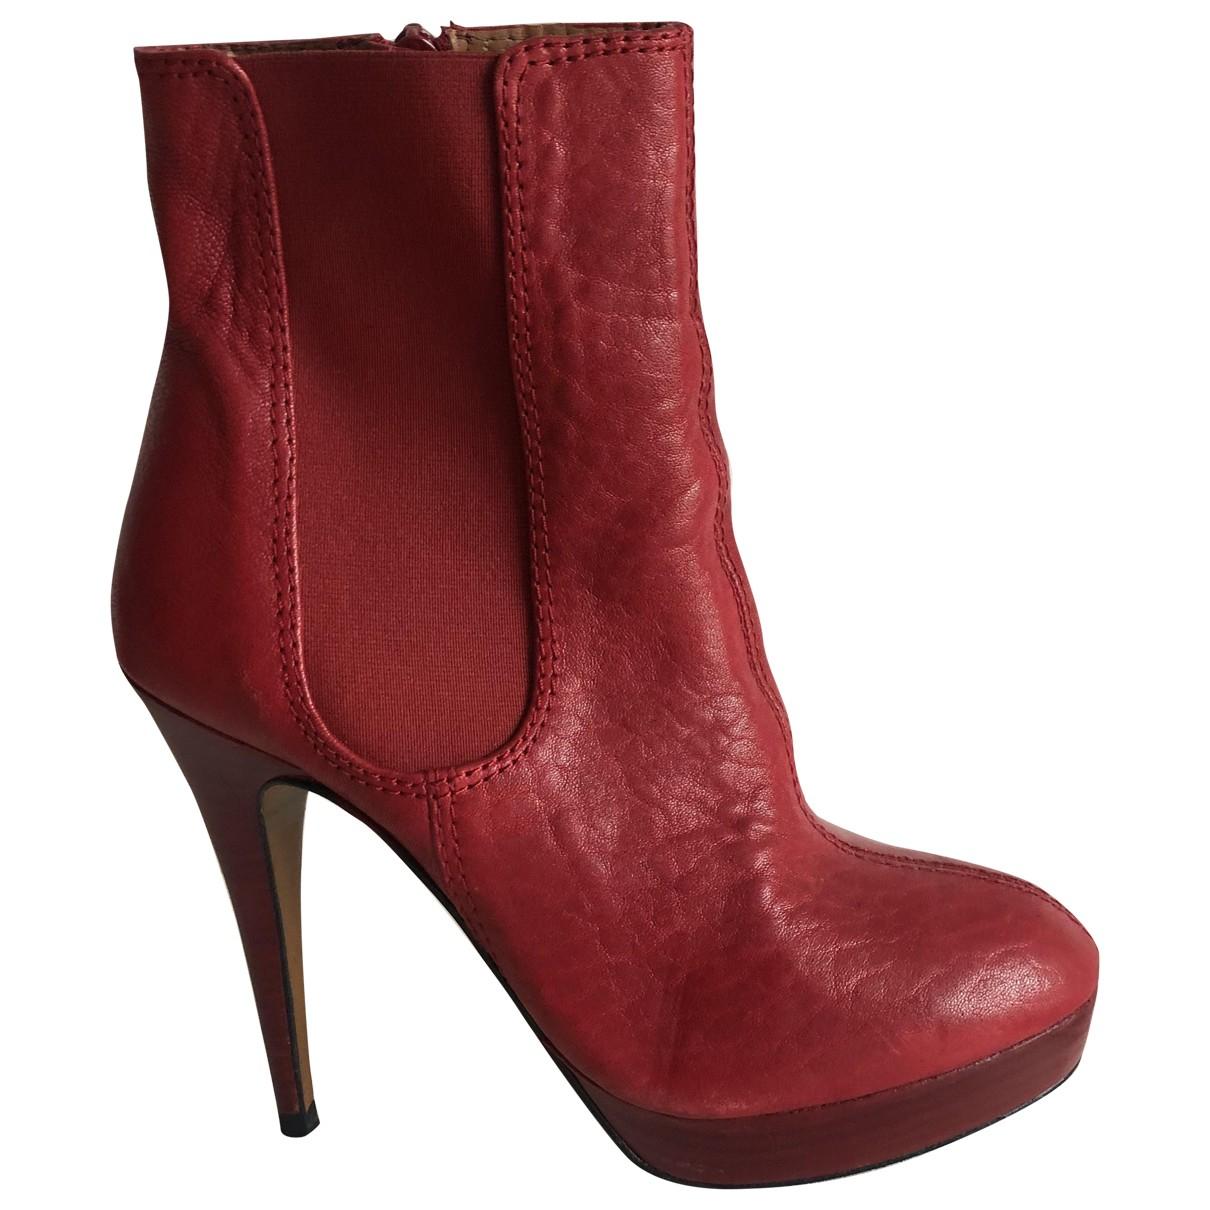 Zara - Boots   pour femme en cuir - rouge